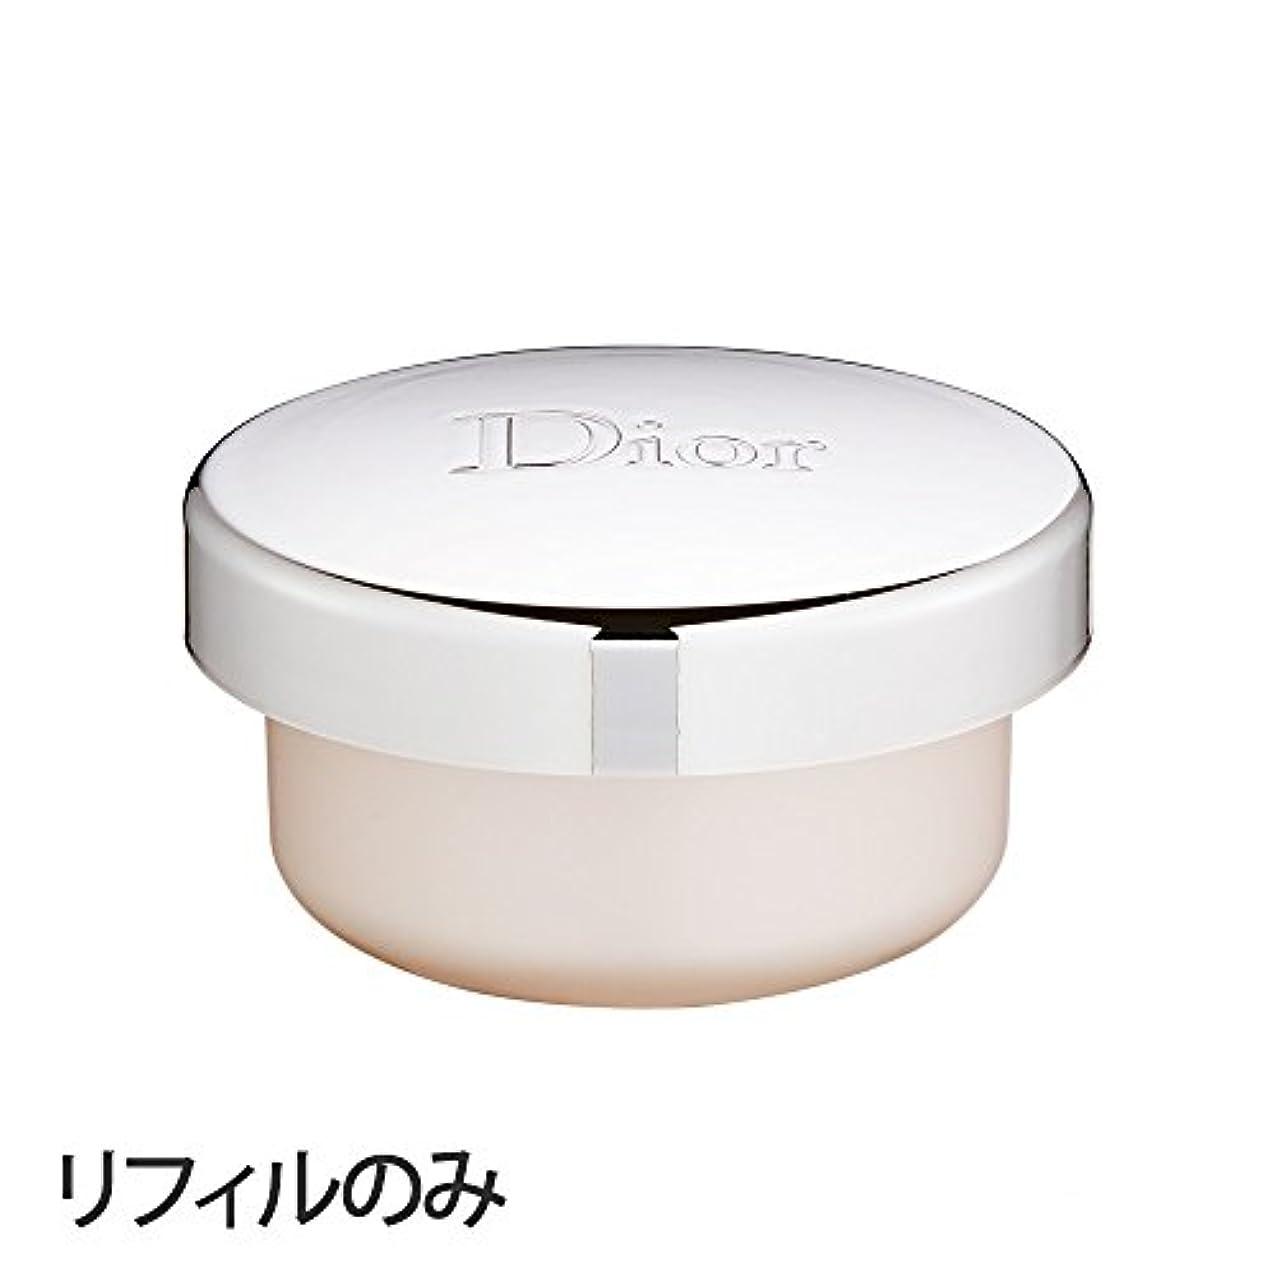 貫通する音声学アルコールディオール(Dior) 【リフォルのみ】カプチュール トータル クリーム [並行輸入品]